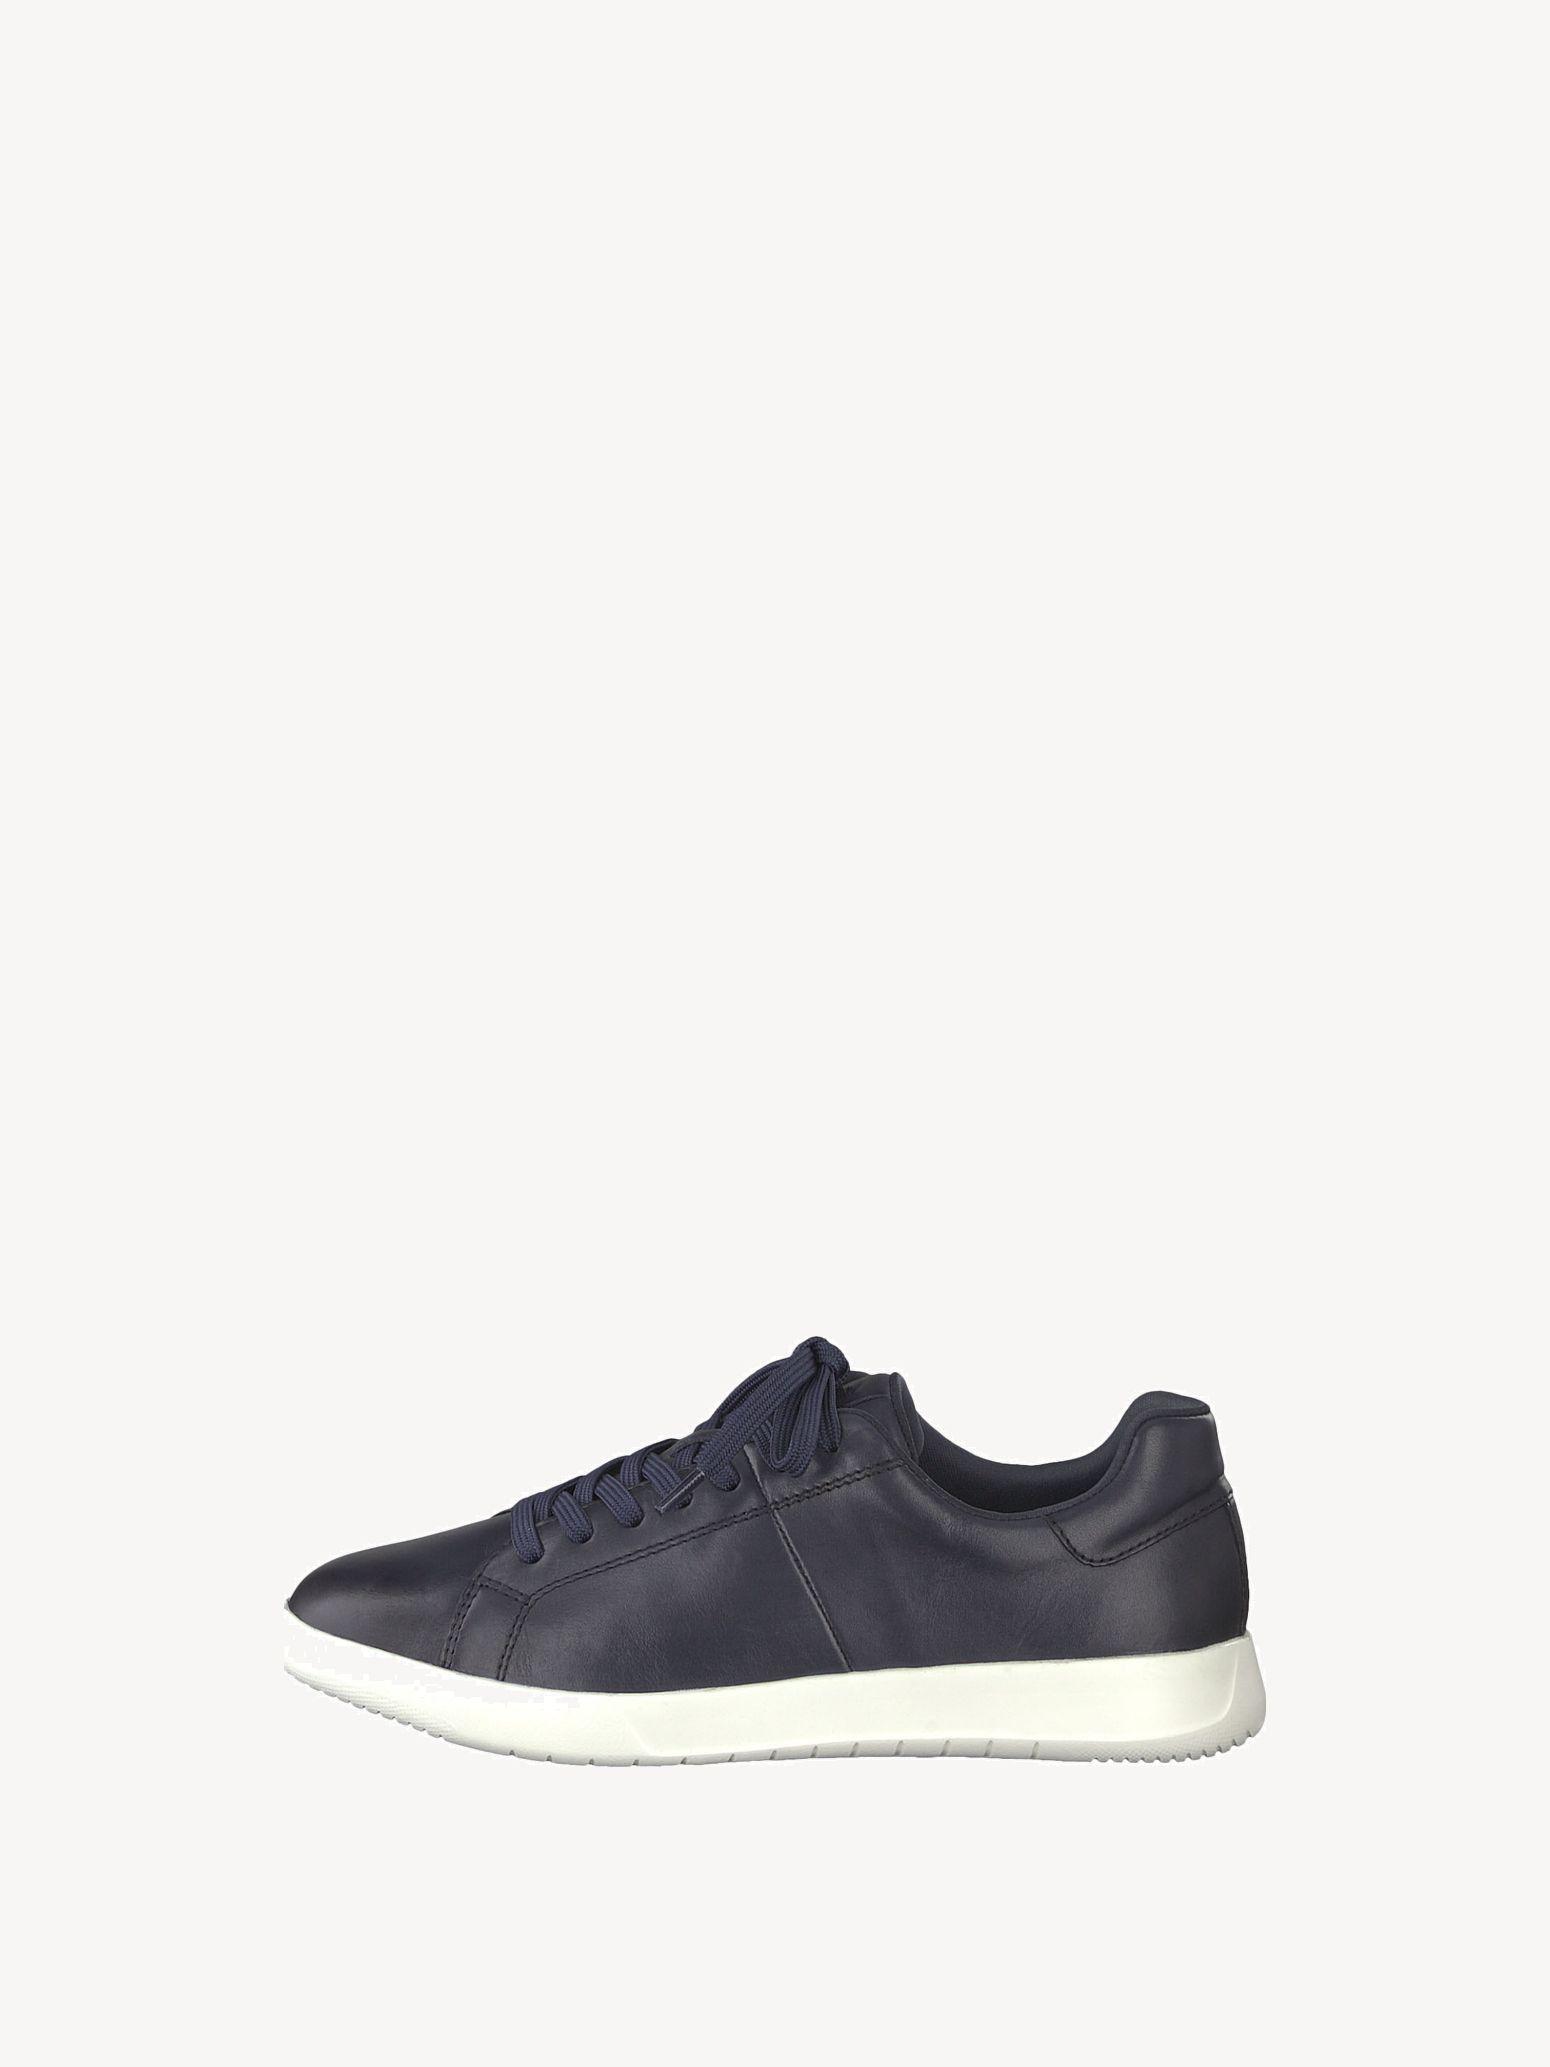 Buy Tamaris Sneaker High online now!